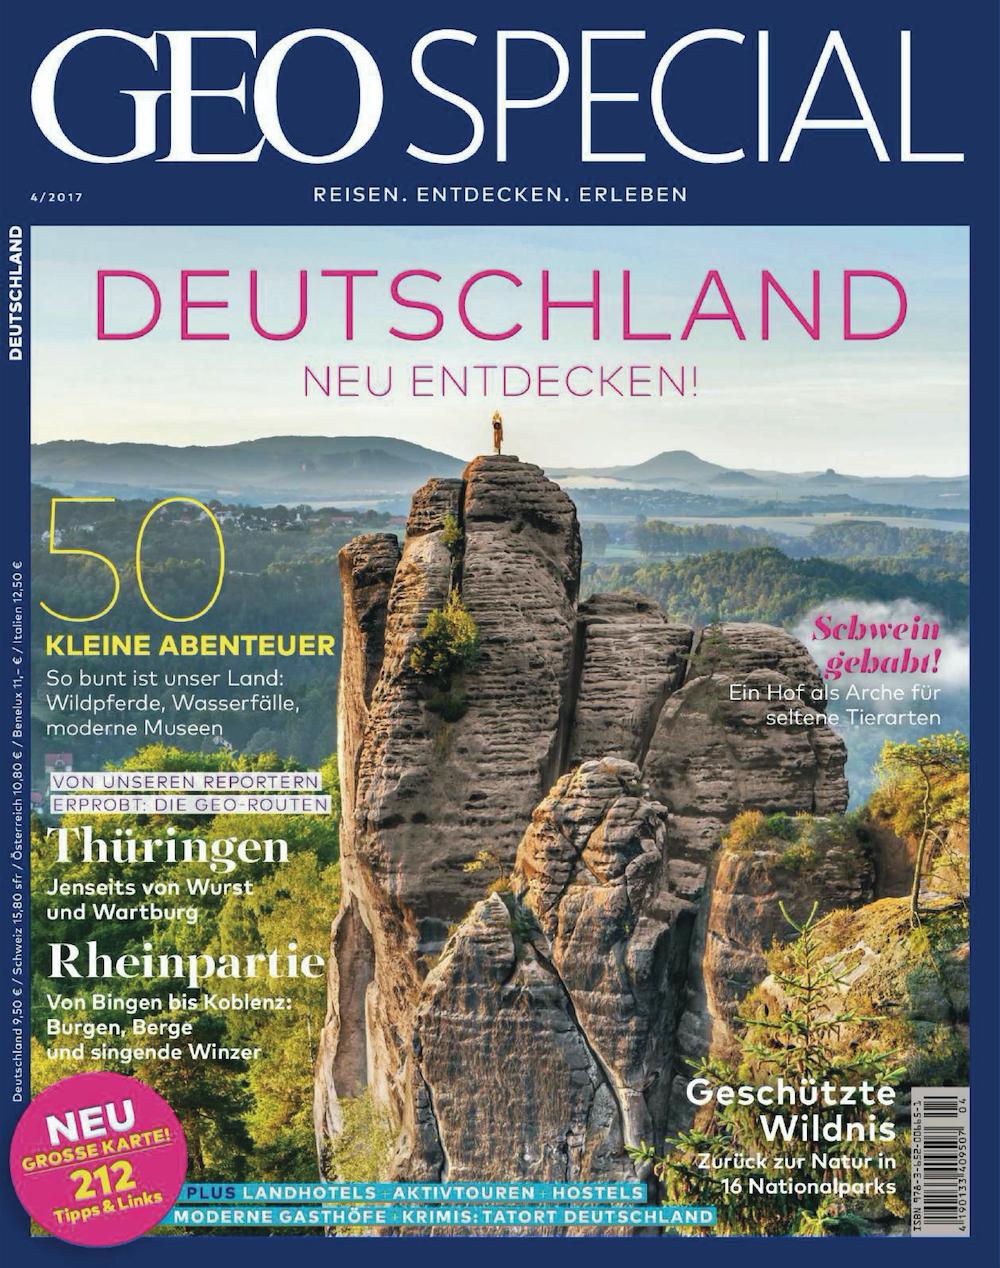 GEO Special 2017-04 Deutschland neu entdecken